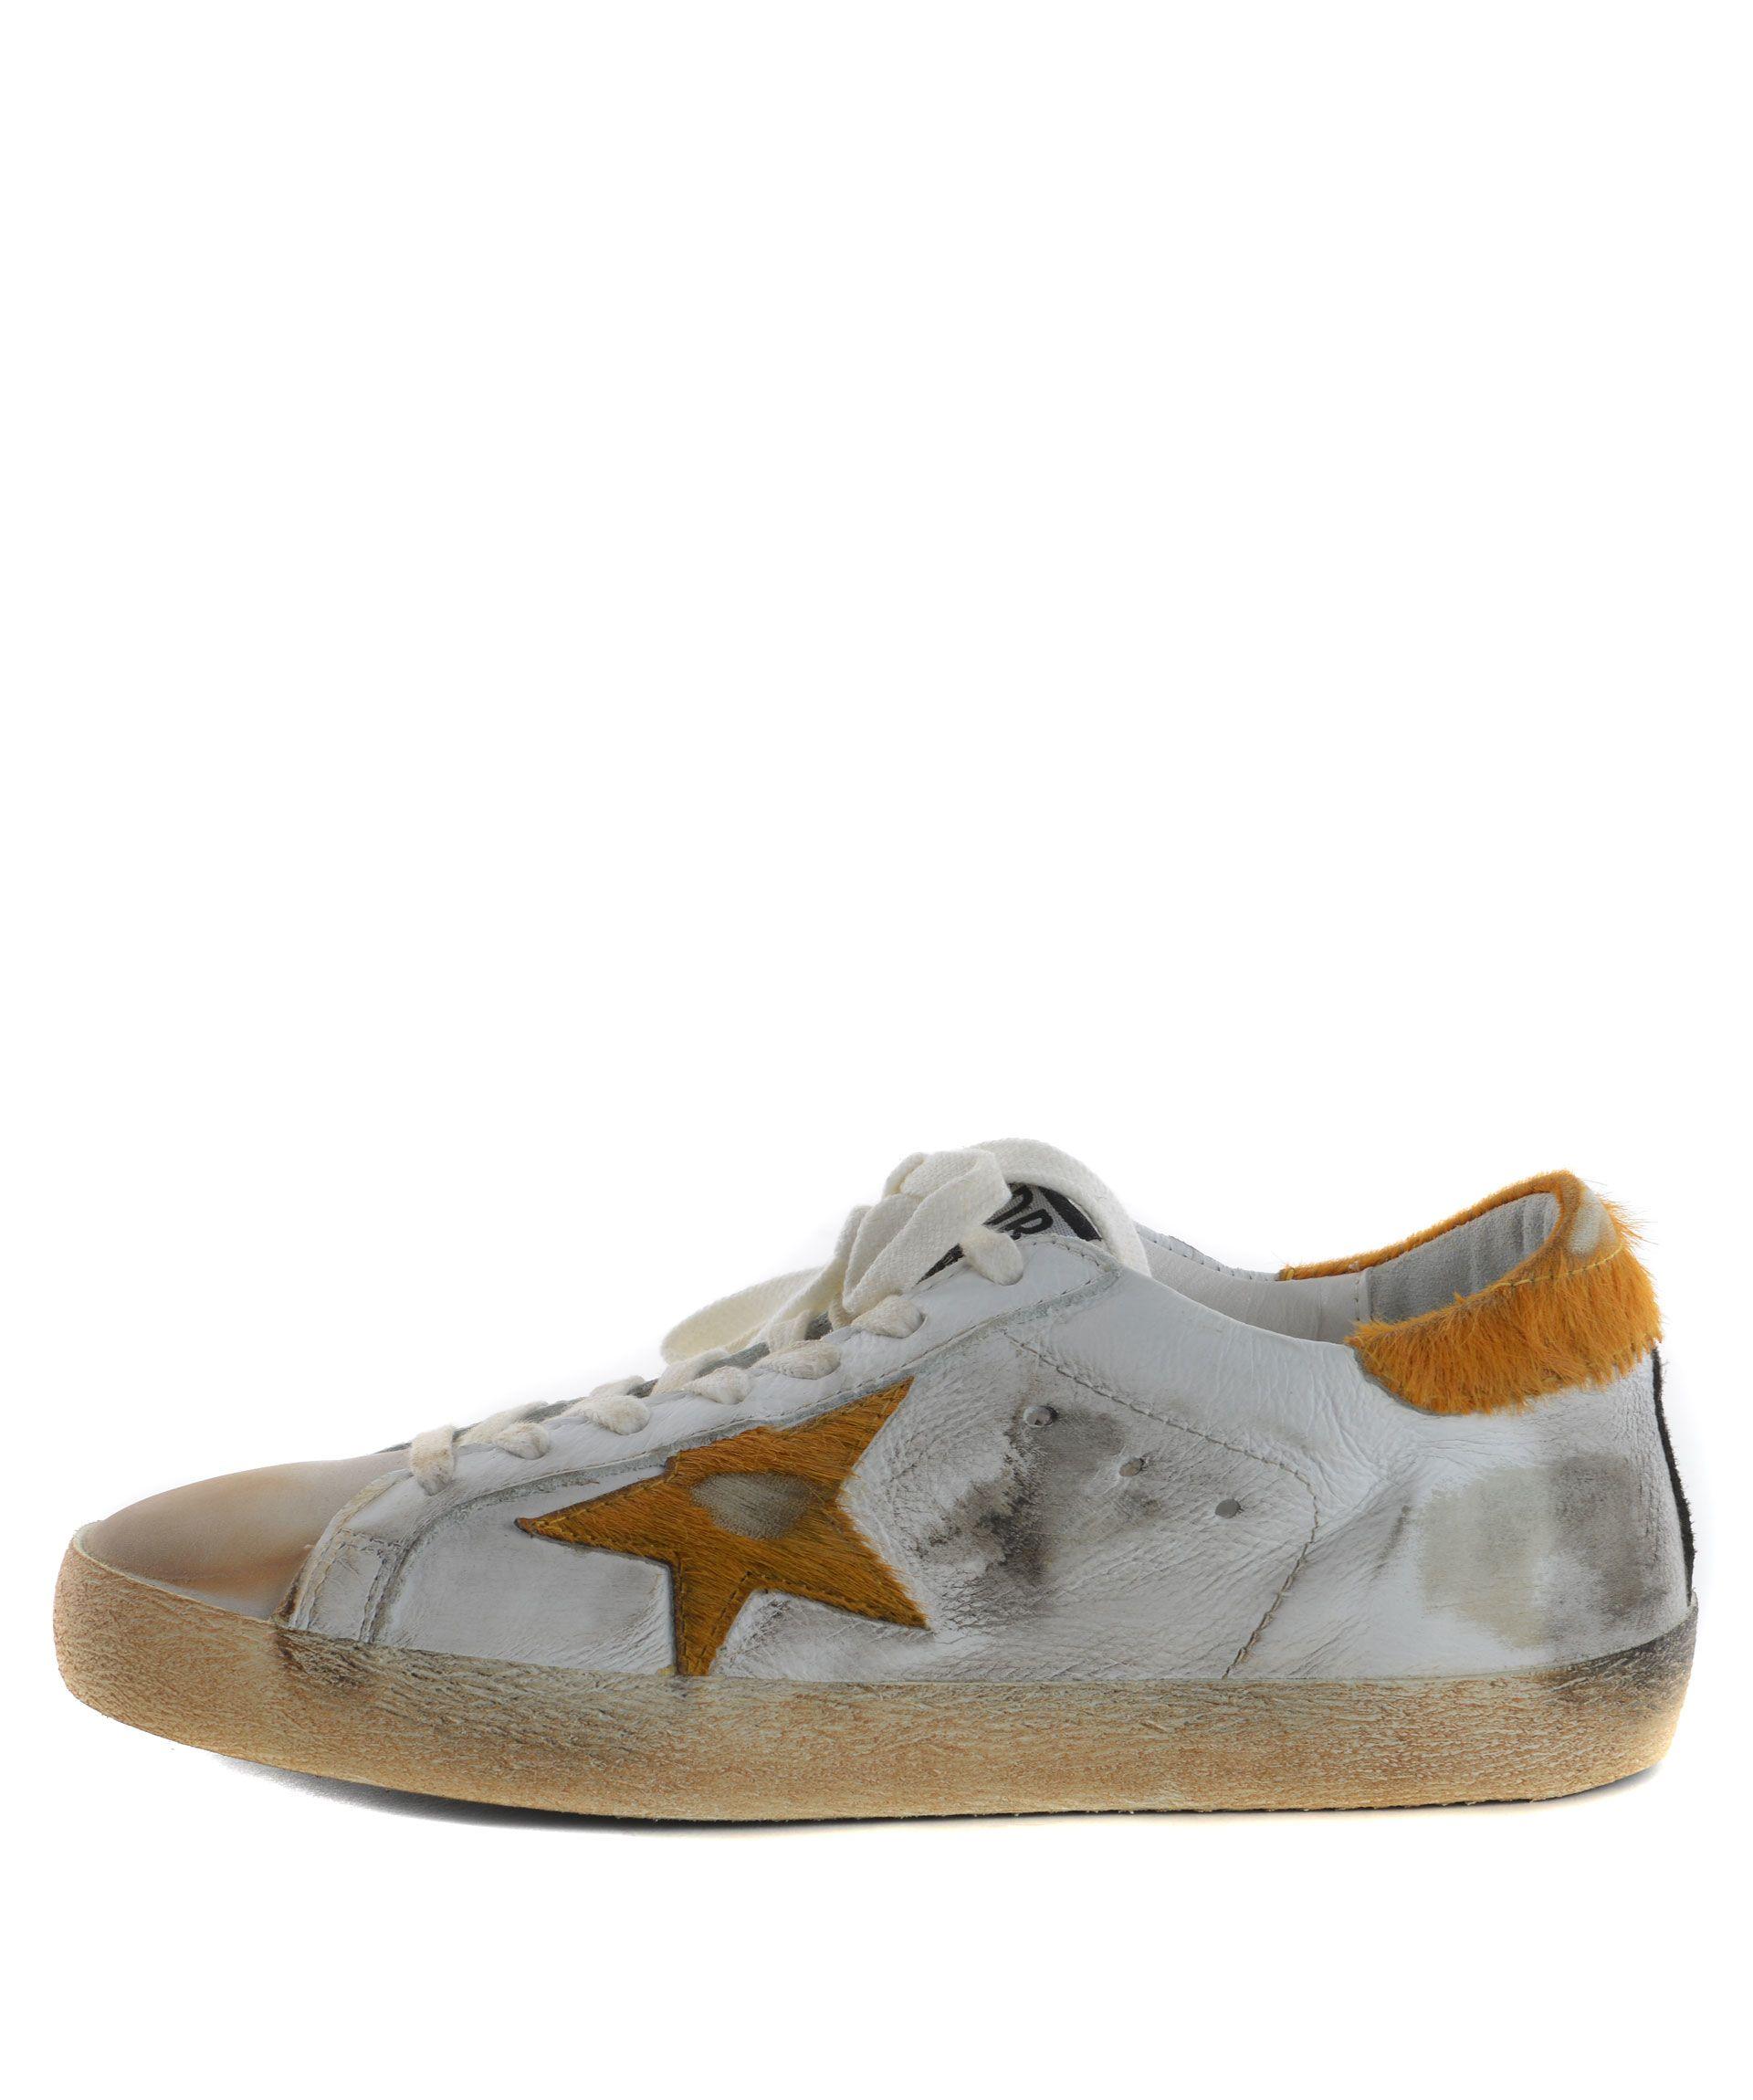 golden goose golden goose superstar sneakers bianco arancio men 39 s sneakers italist. Black Bedroom Furniture Sets. Home Design Ideas